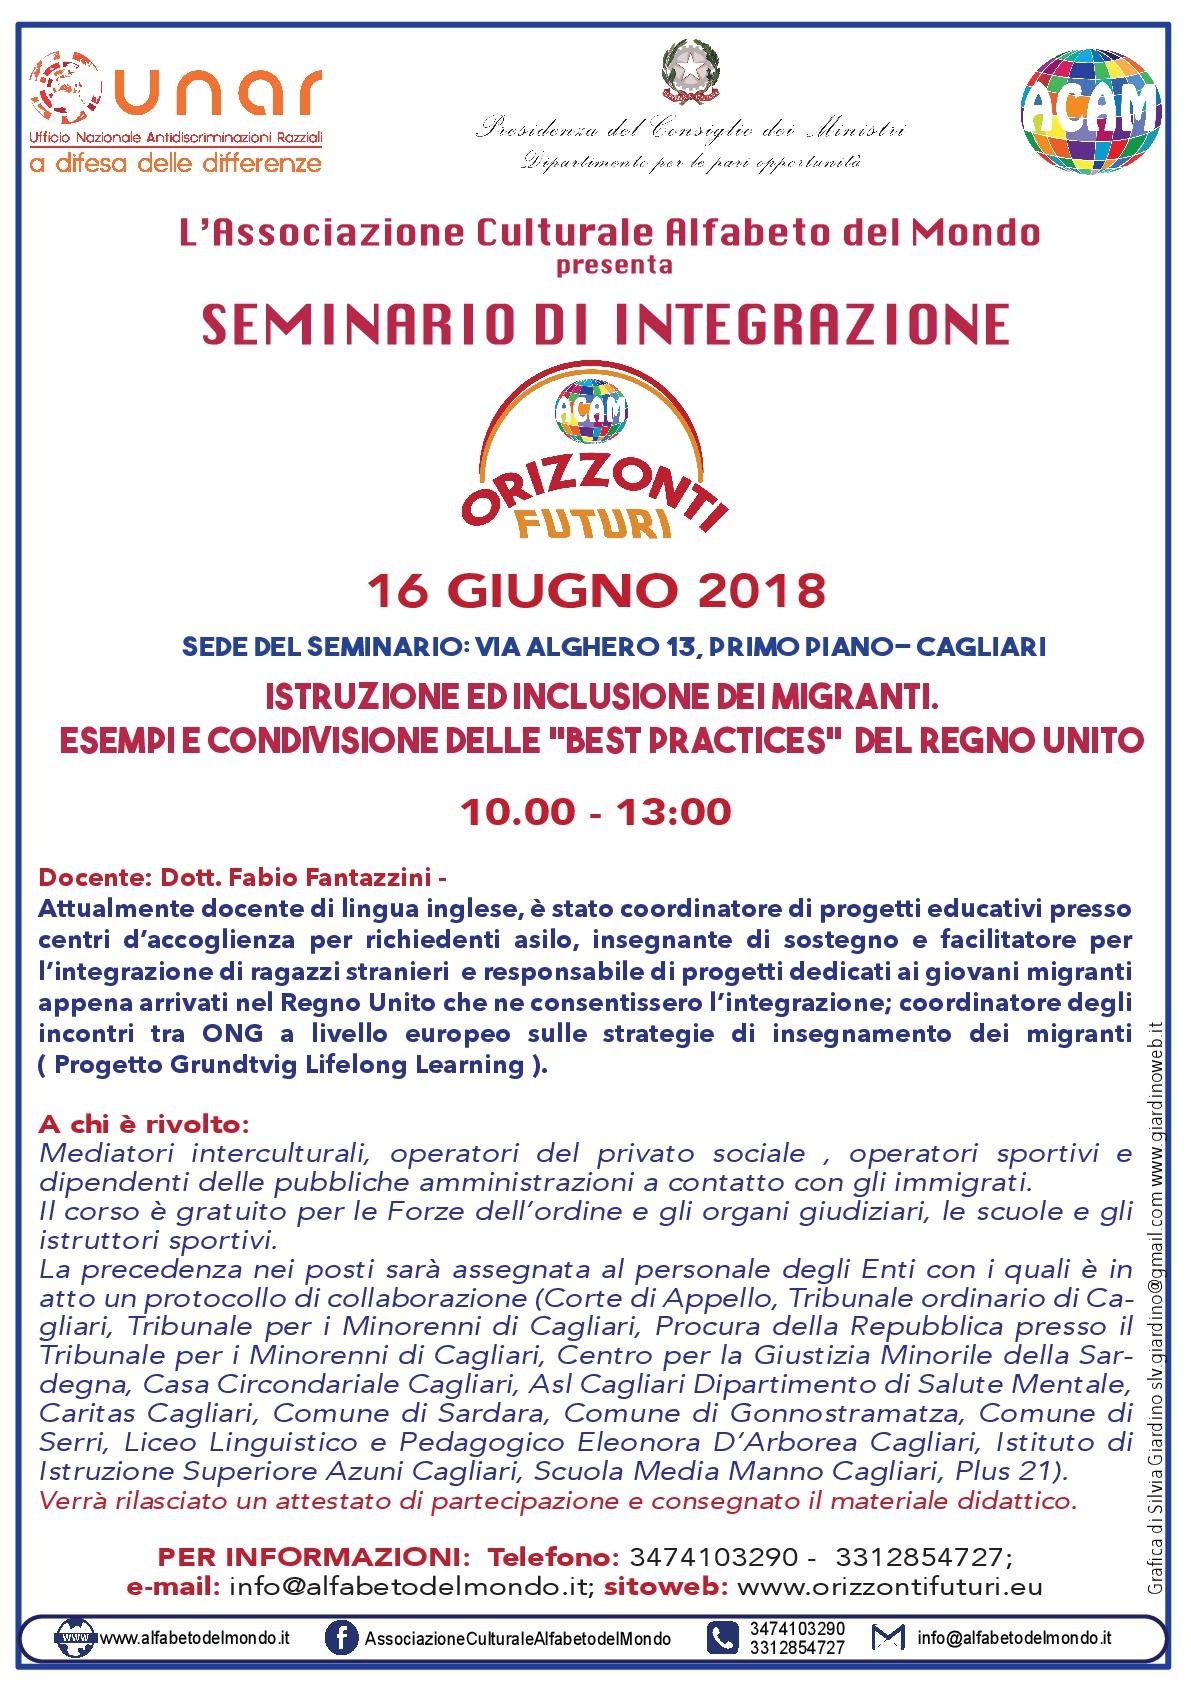 Cagliari:  Alfabeto del Mondo presenta un seminario sull'integrazione